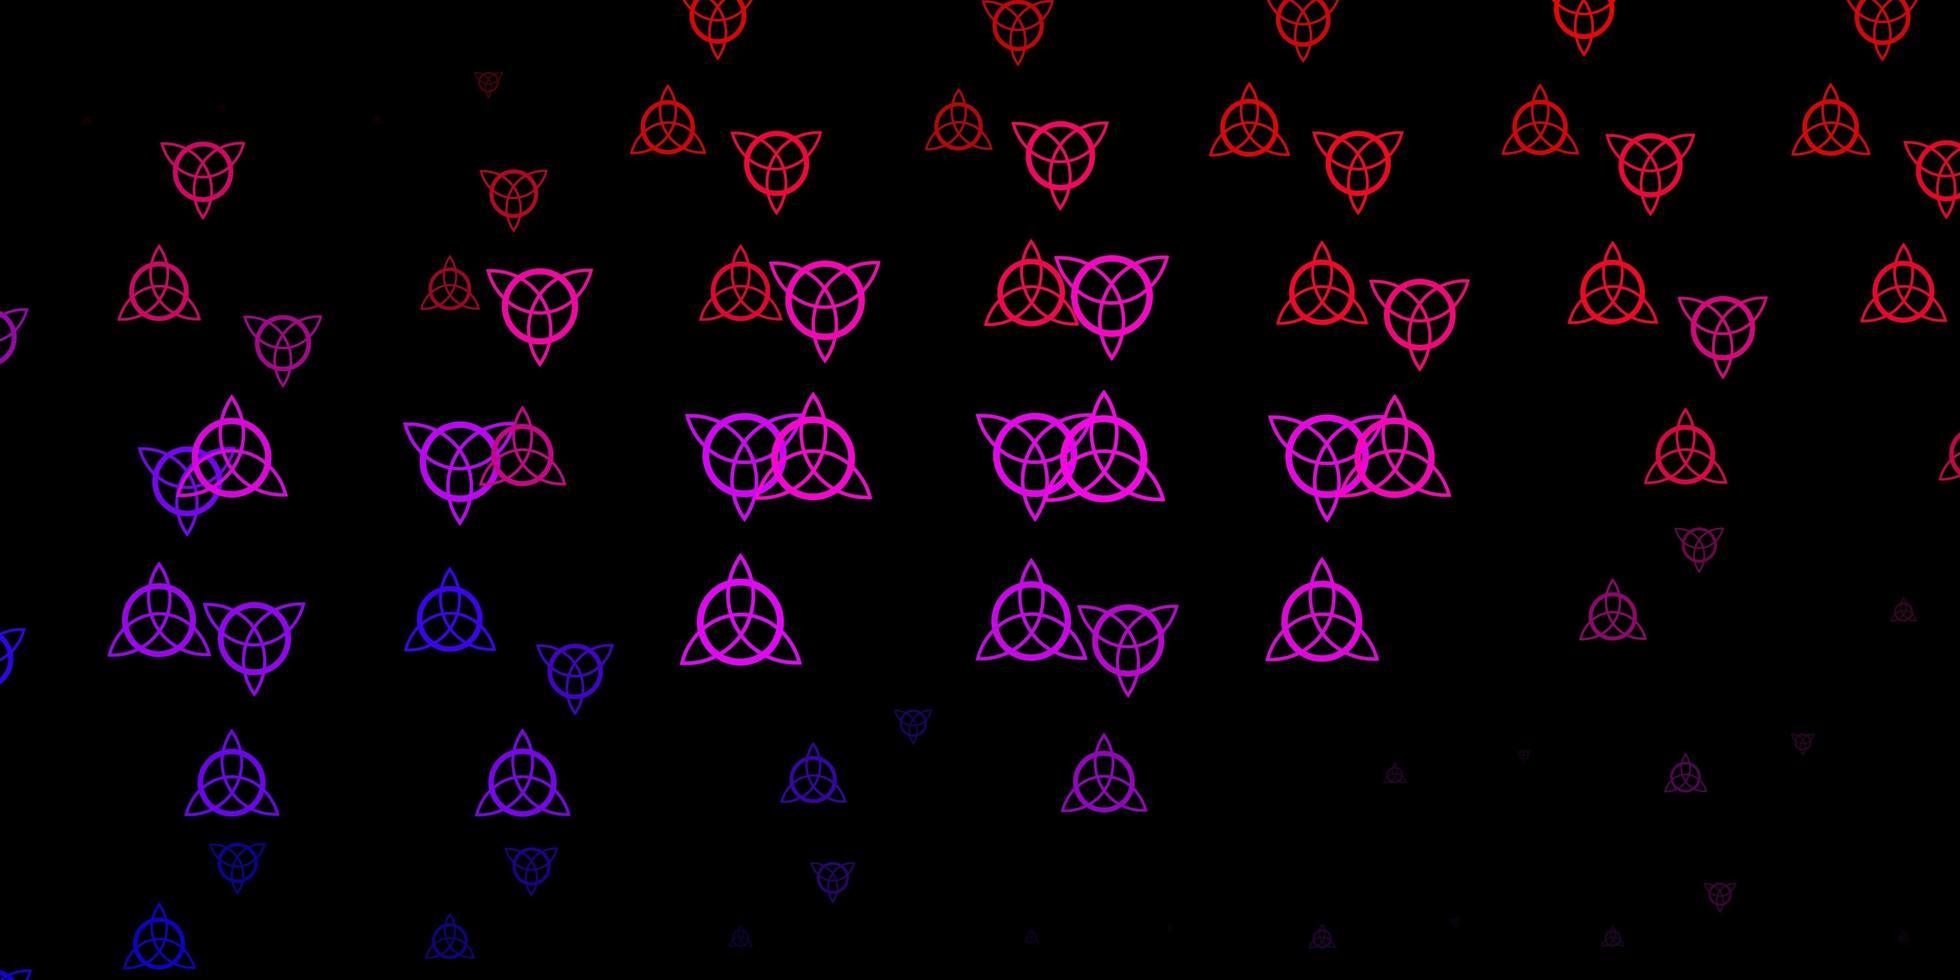 modello vettoriale rosa scuro, rosso con segni esoterici.